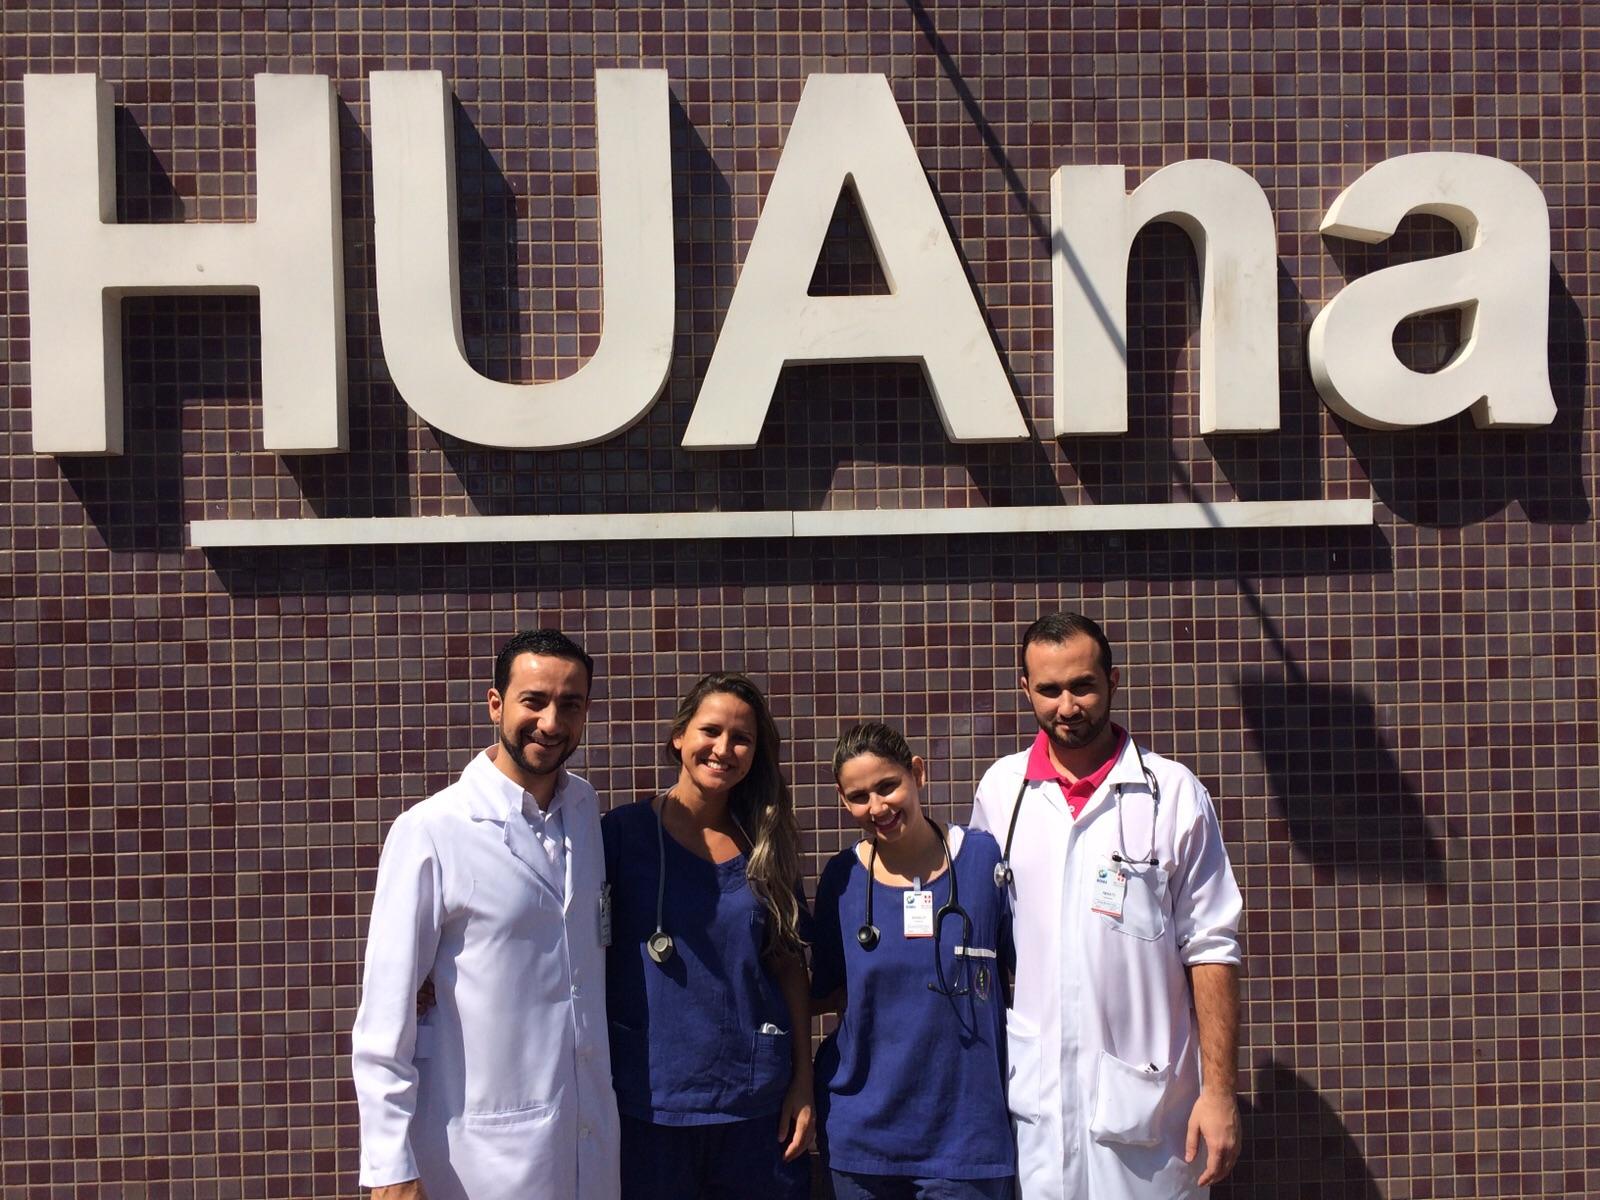 Serviço de fisioterapia passa a ser de 24 horas no Hospital de Urgência de Anápolis